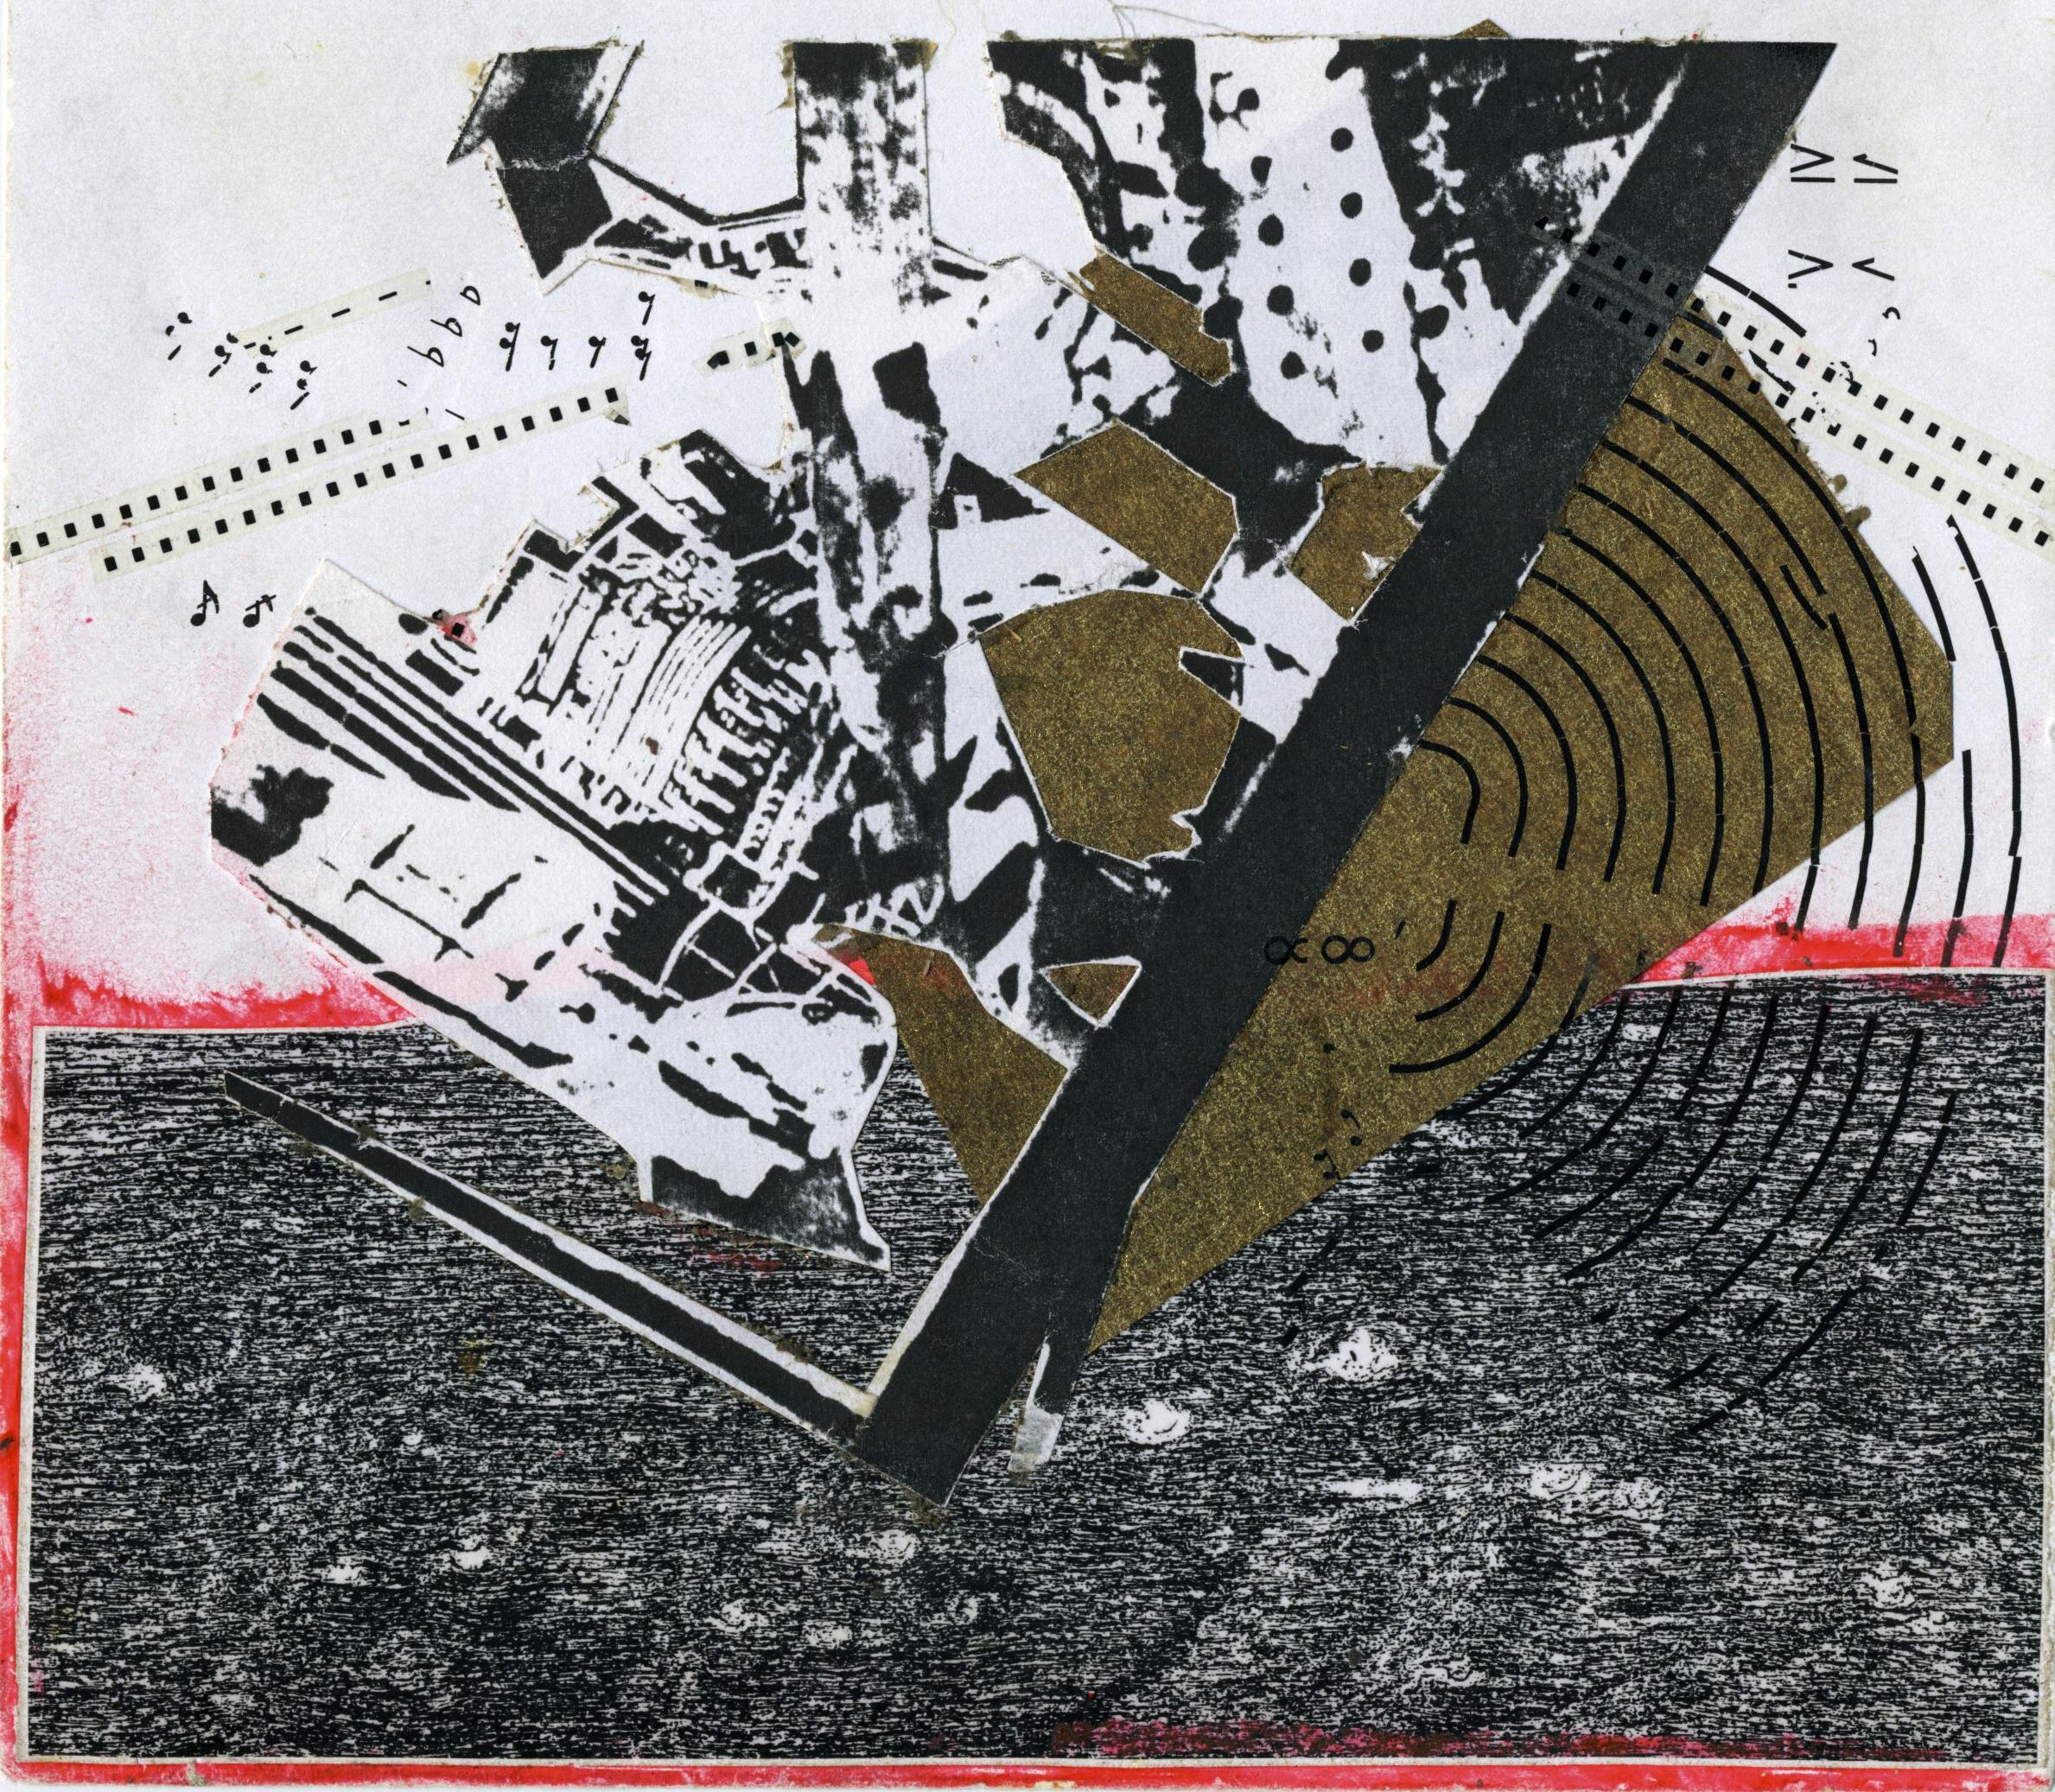 Notebook-Collage-1-14-95.jpg